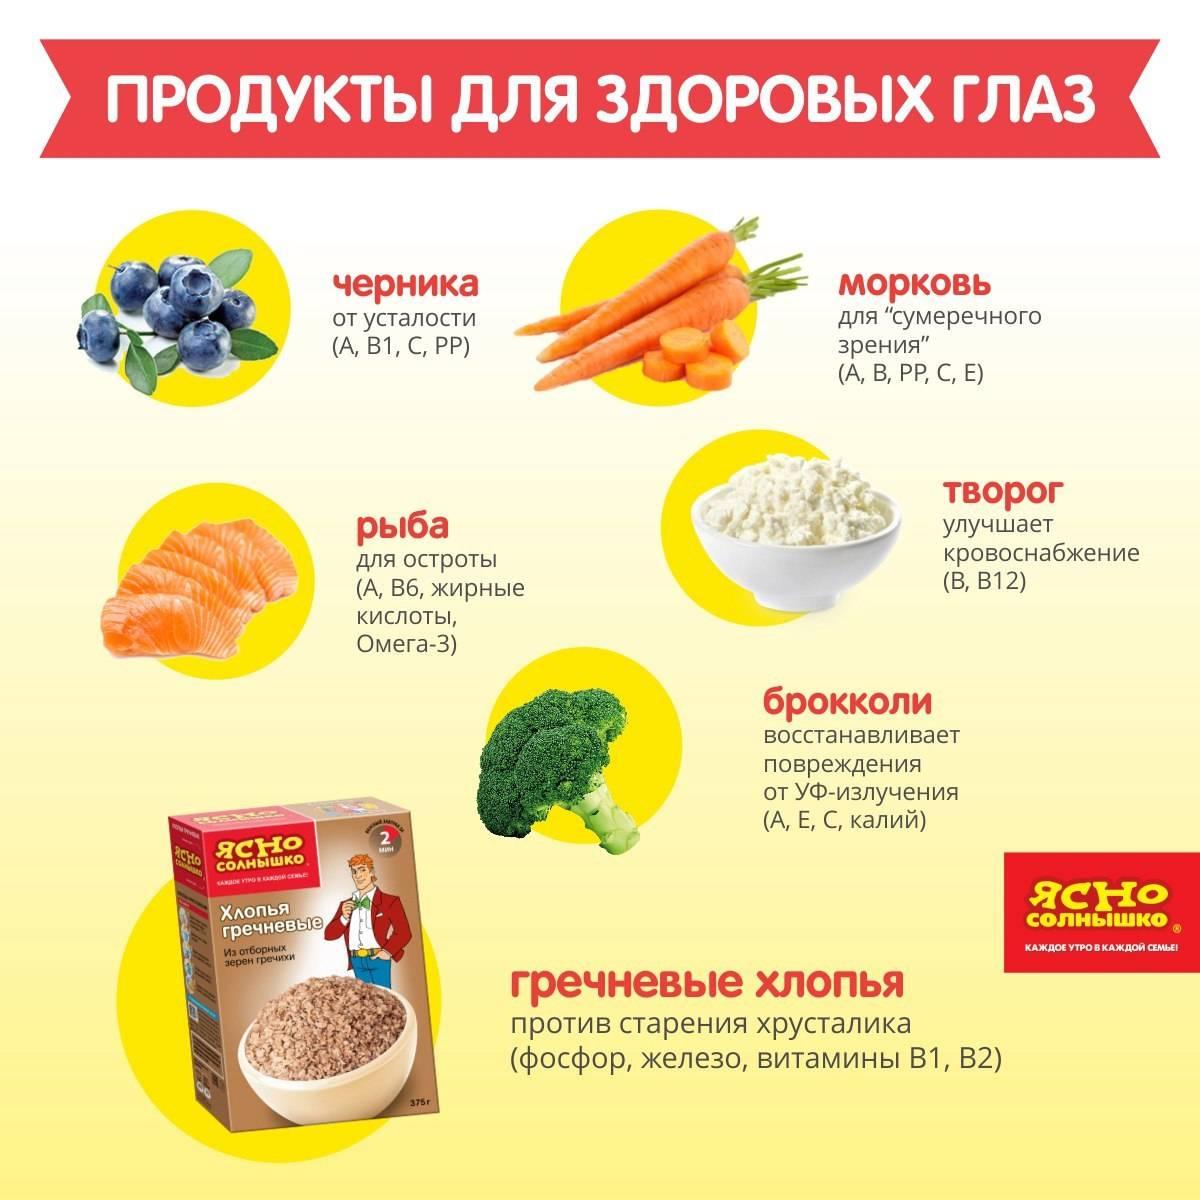 Какие продукты употреблять в пищу, чтобы улучшить зрение?